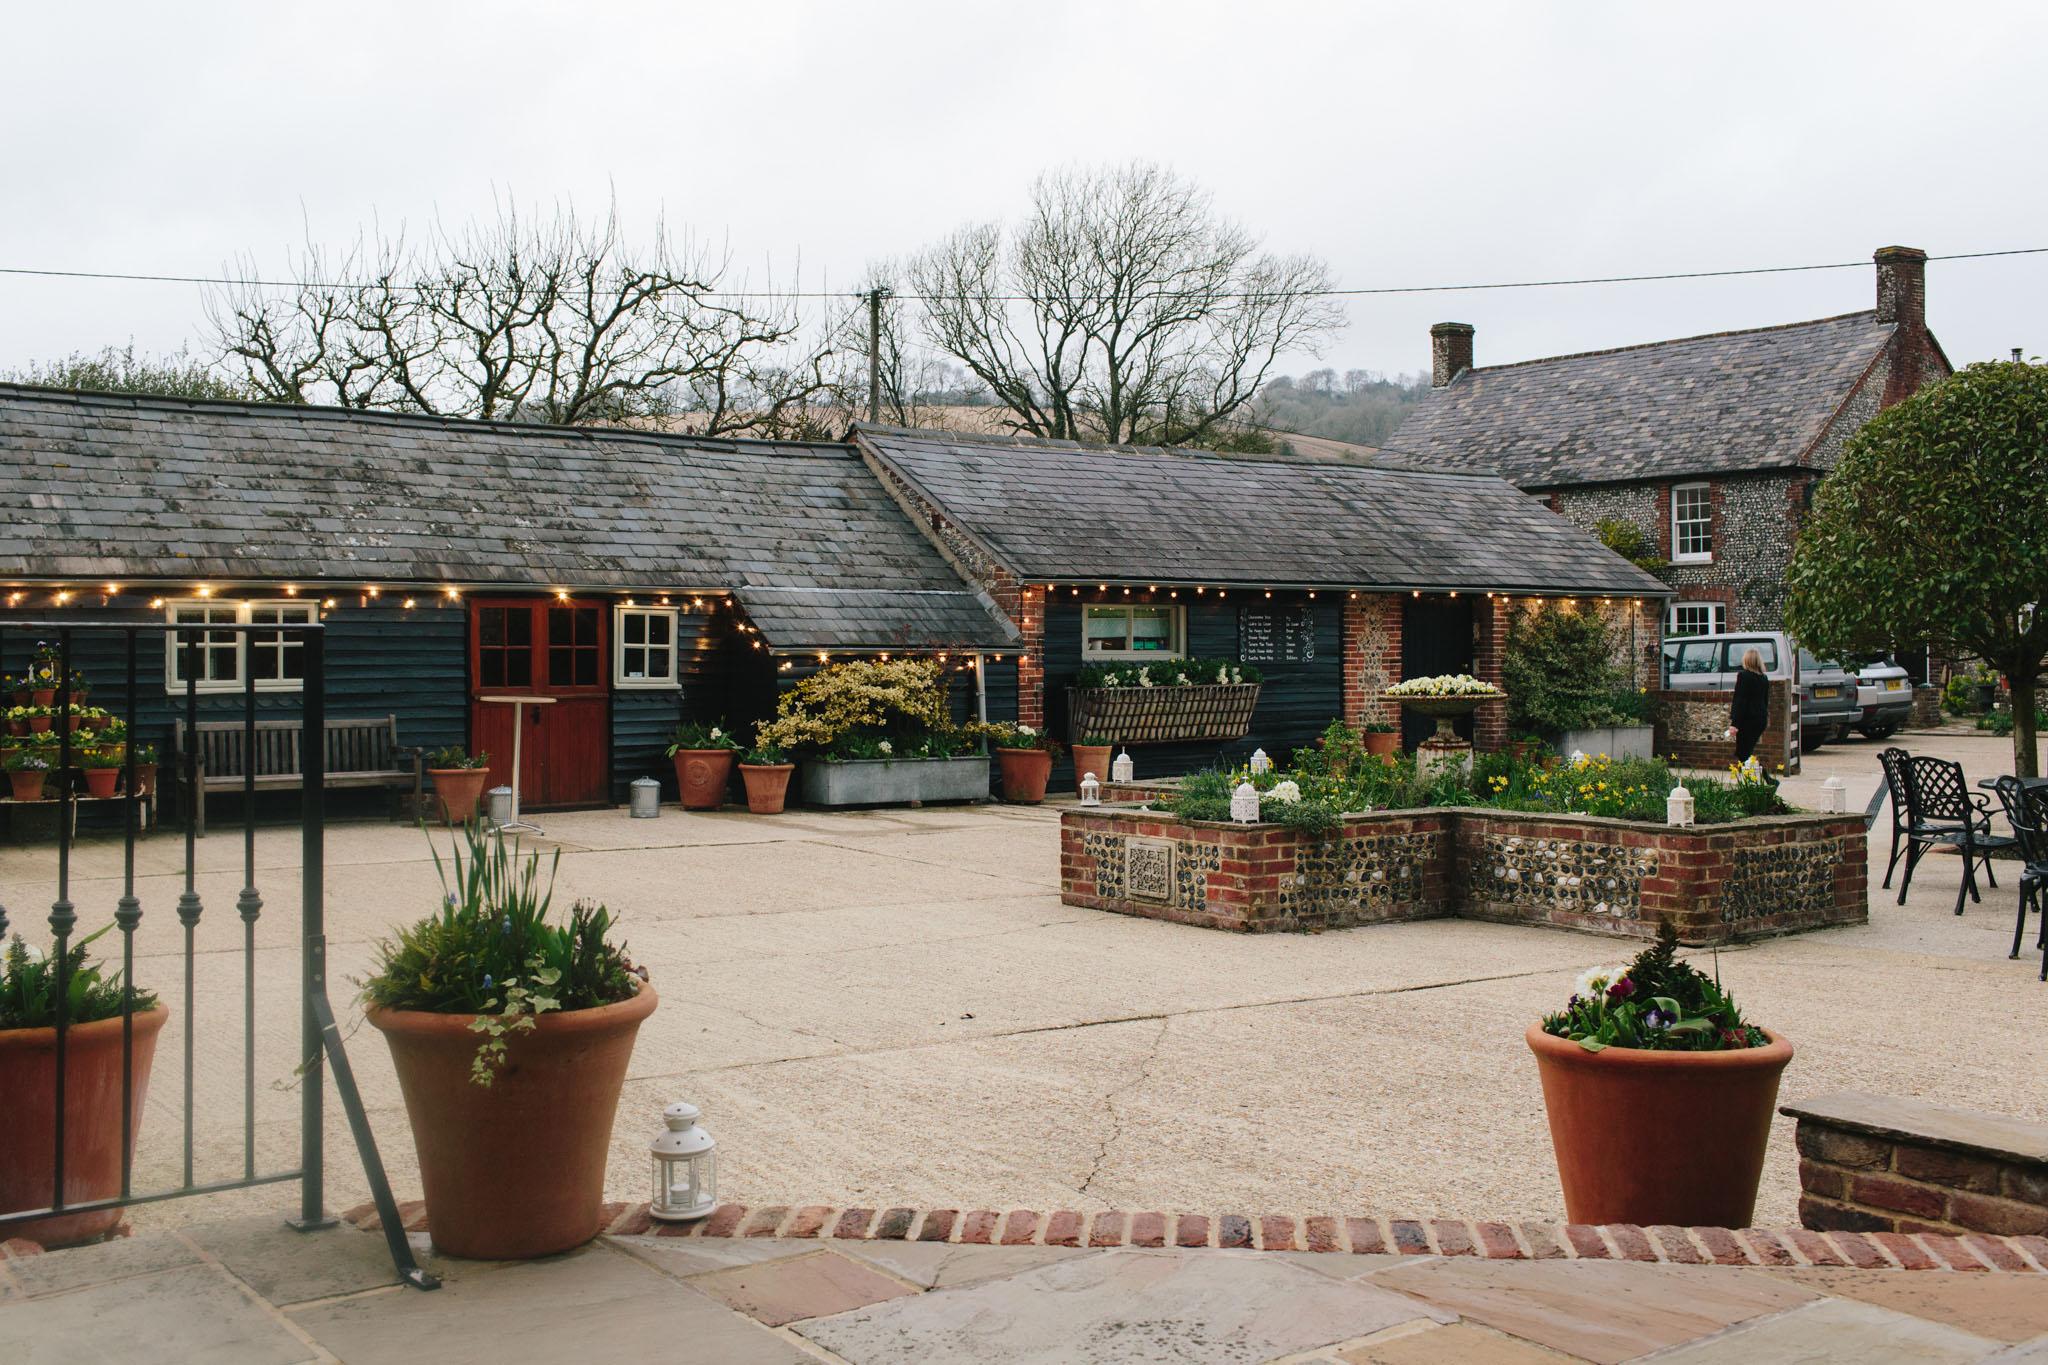 upwaltham barns, nibbles 2 nosh